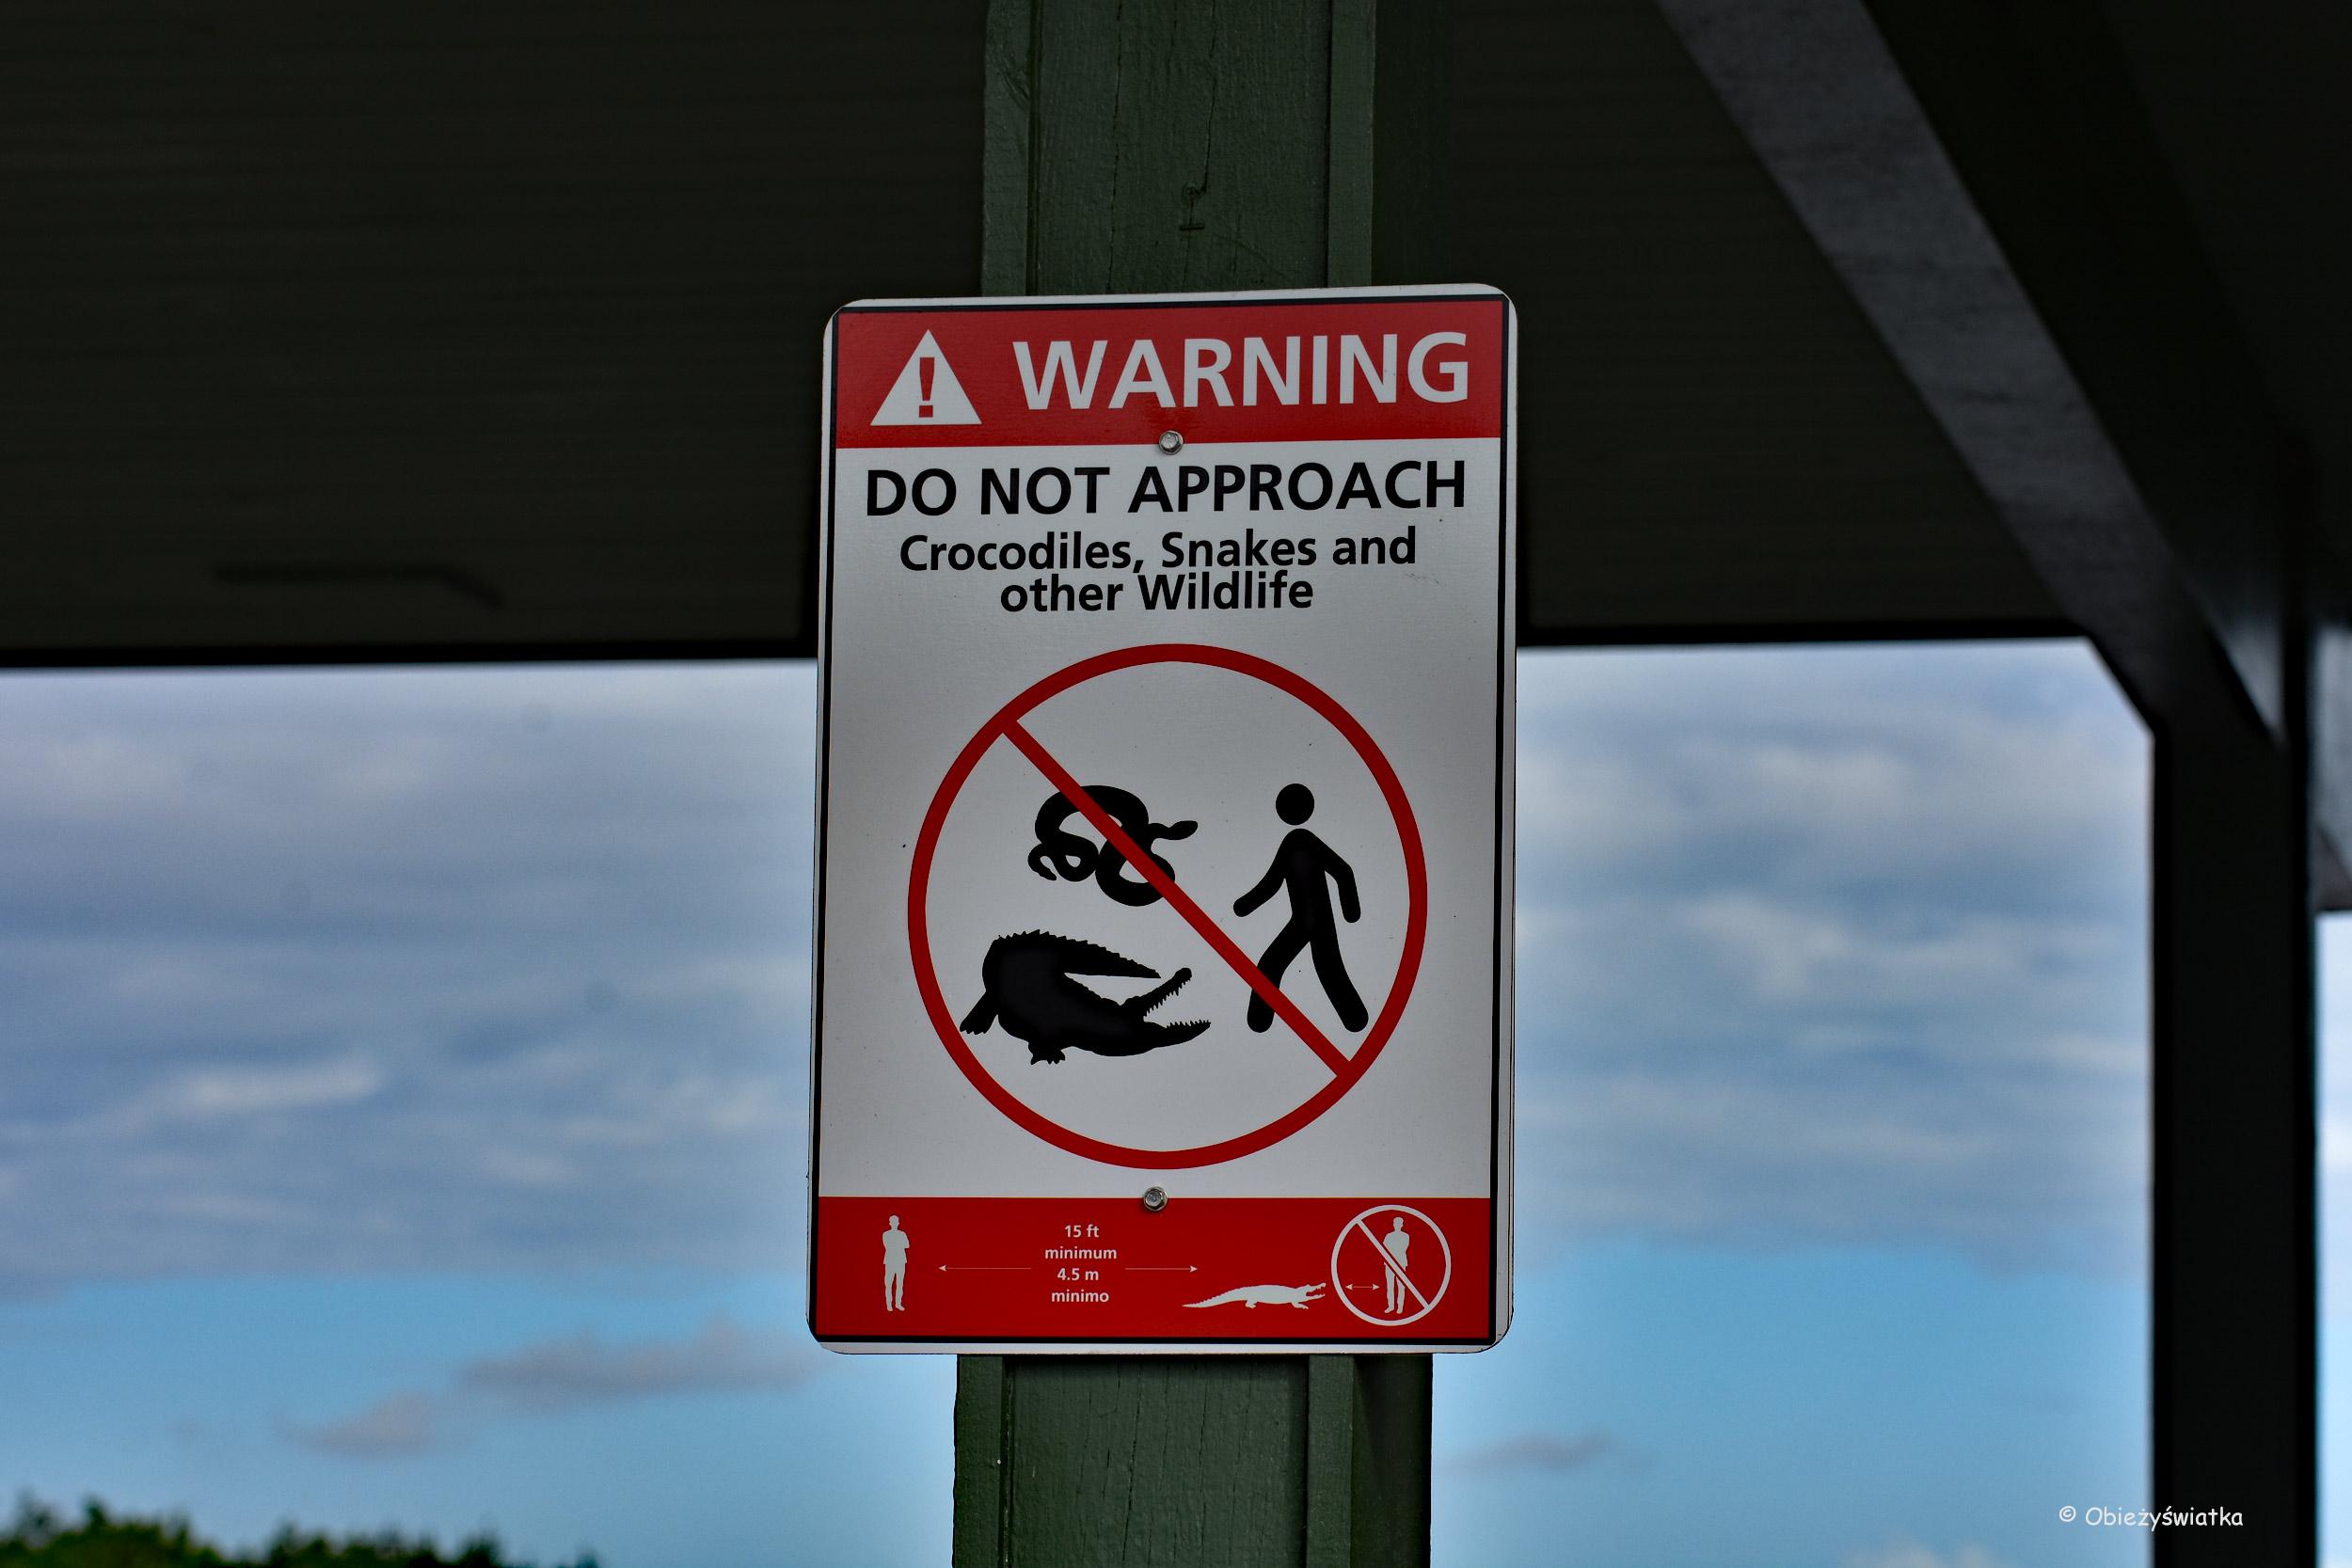 Nie drażnić aligatorów i spółki - Everglades, Floryda